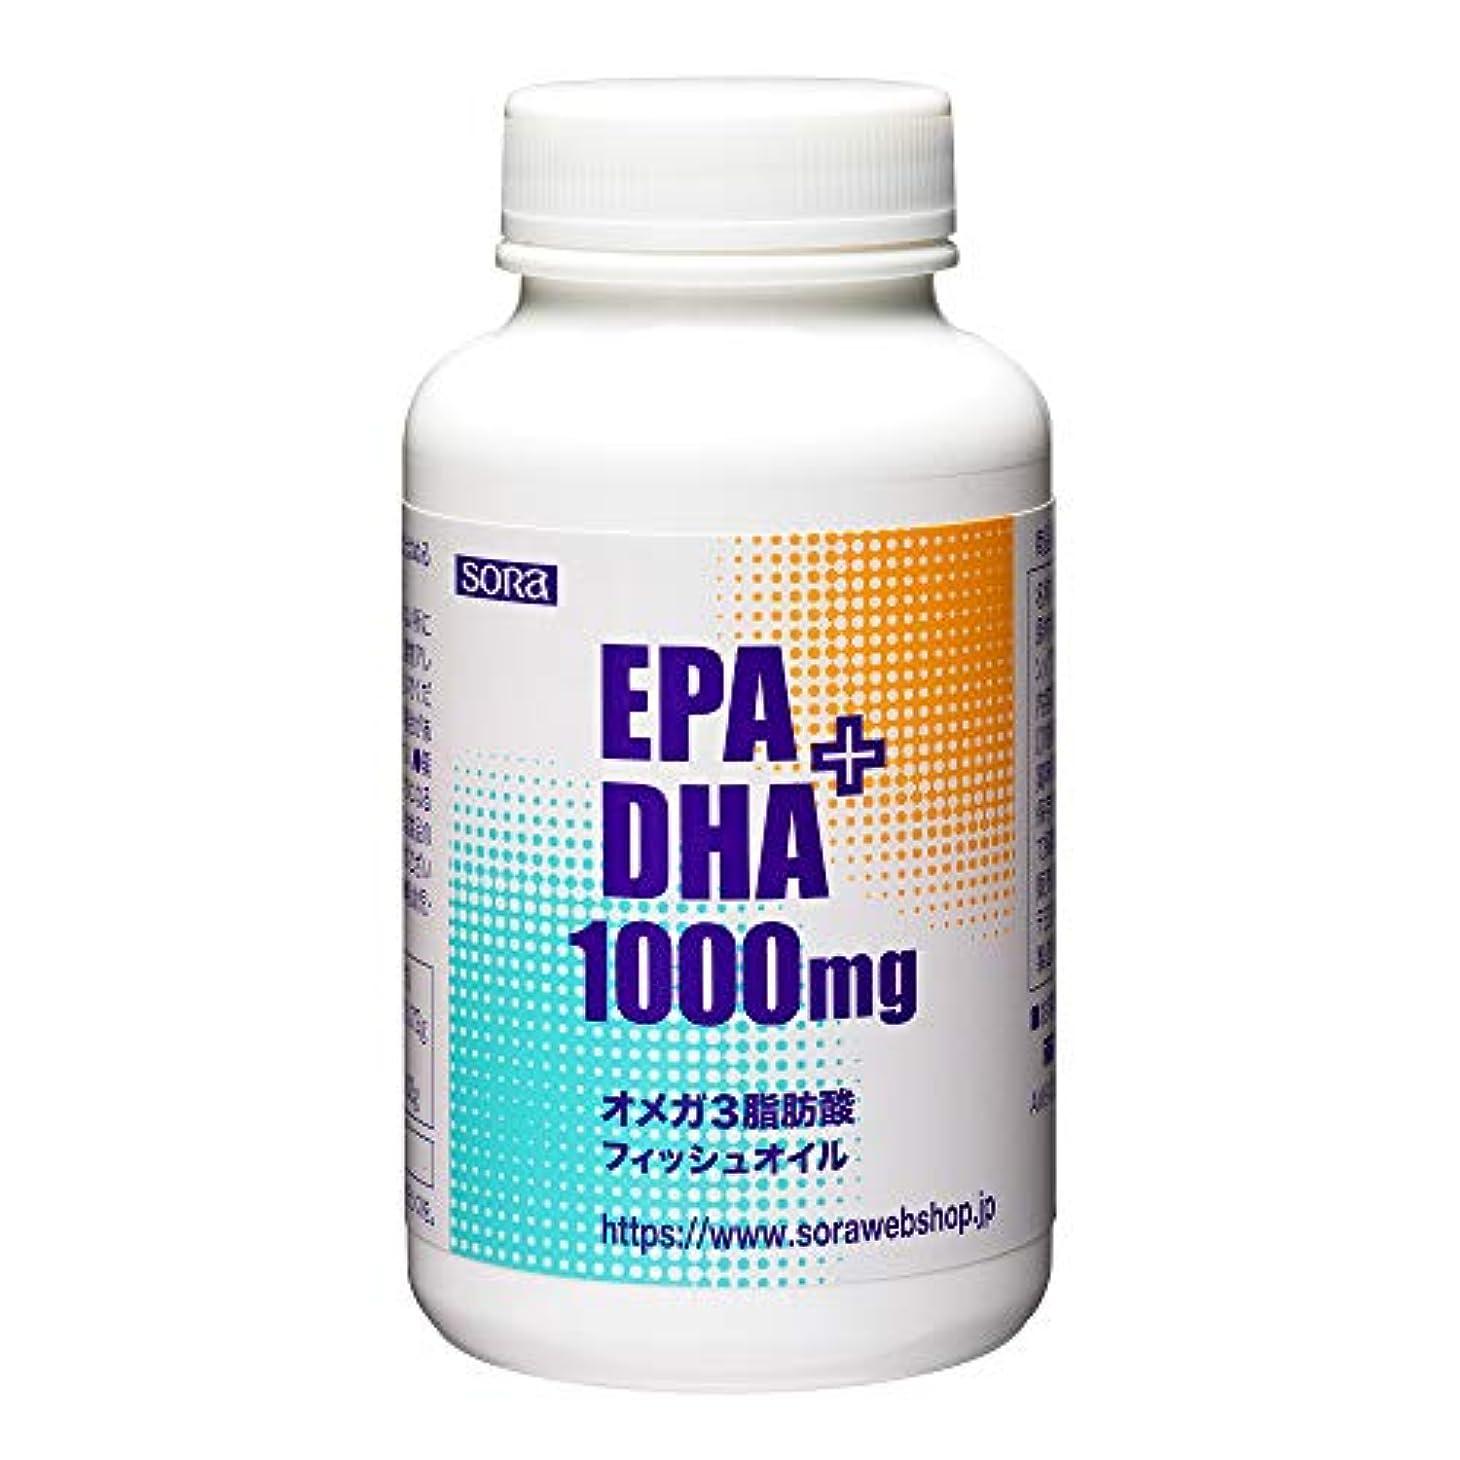 子羊報復する酔ってそら EPA+DHA 1000mg (魚のオイル オメガ3 180粒入)【リニューアル品】